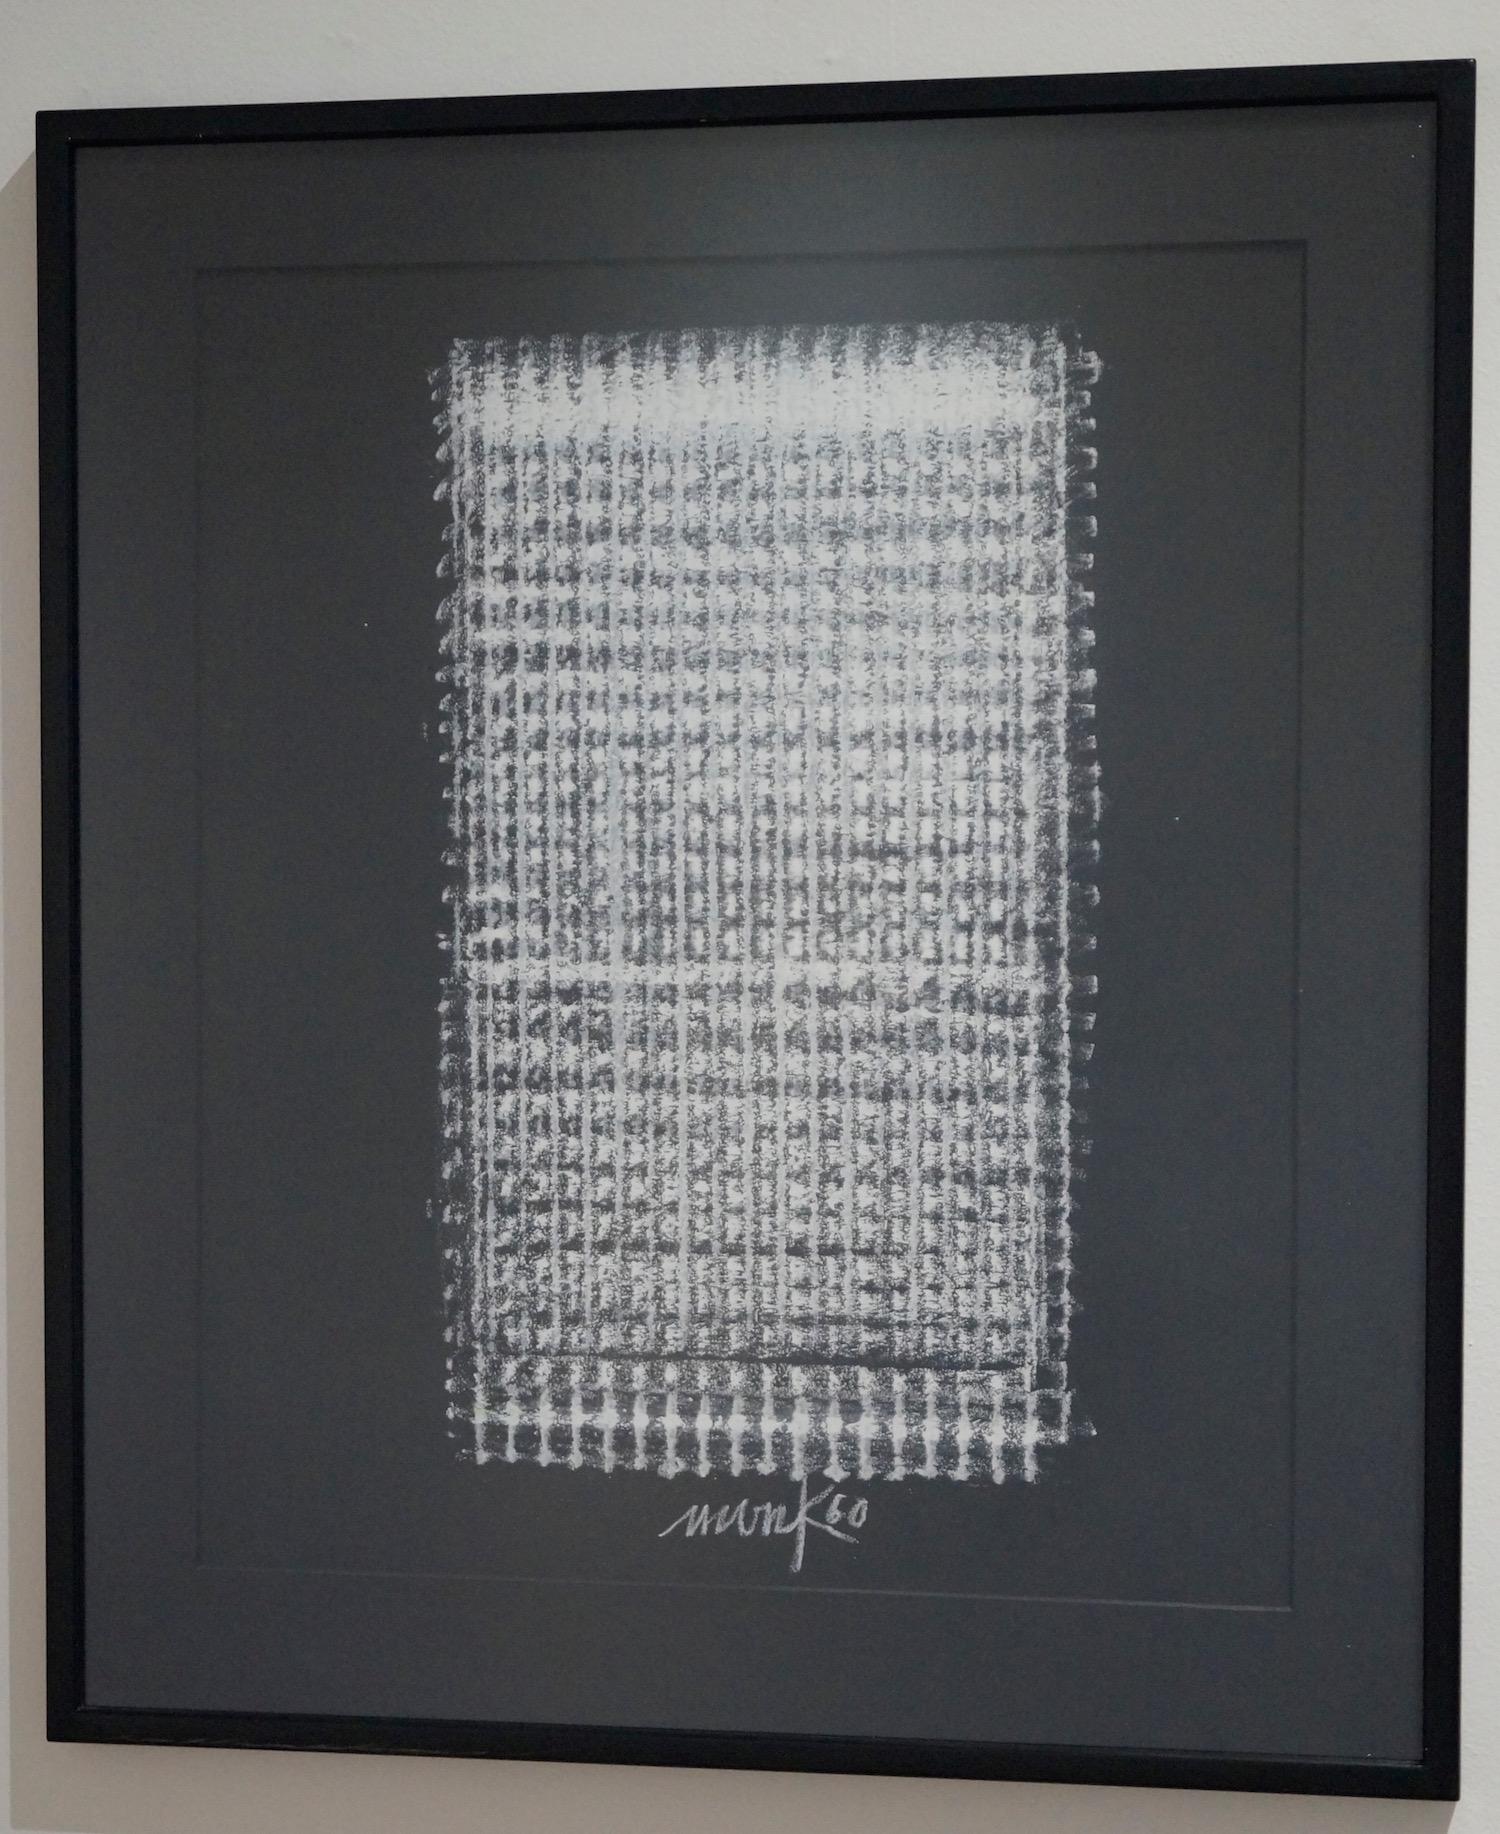 Heinz Mack untitled, 1960 60 x 50 cm